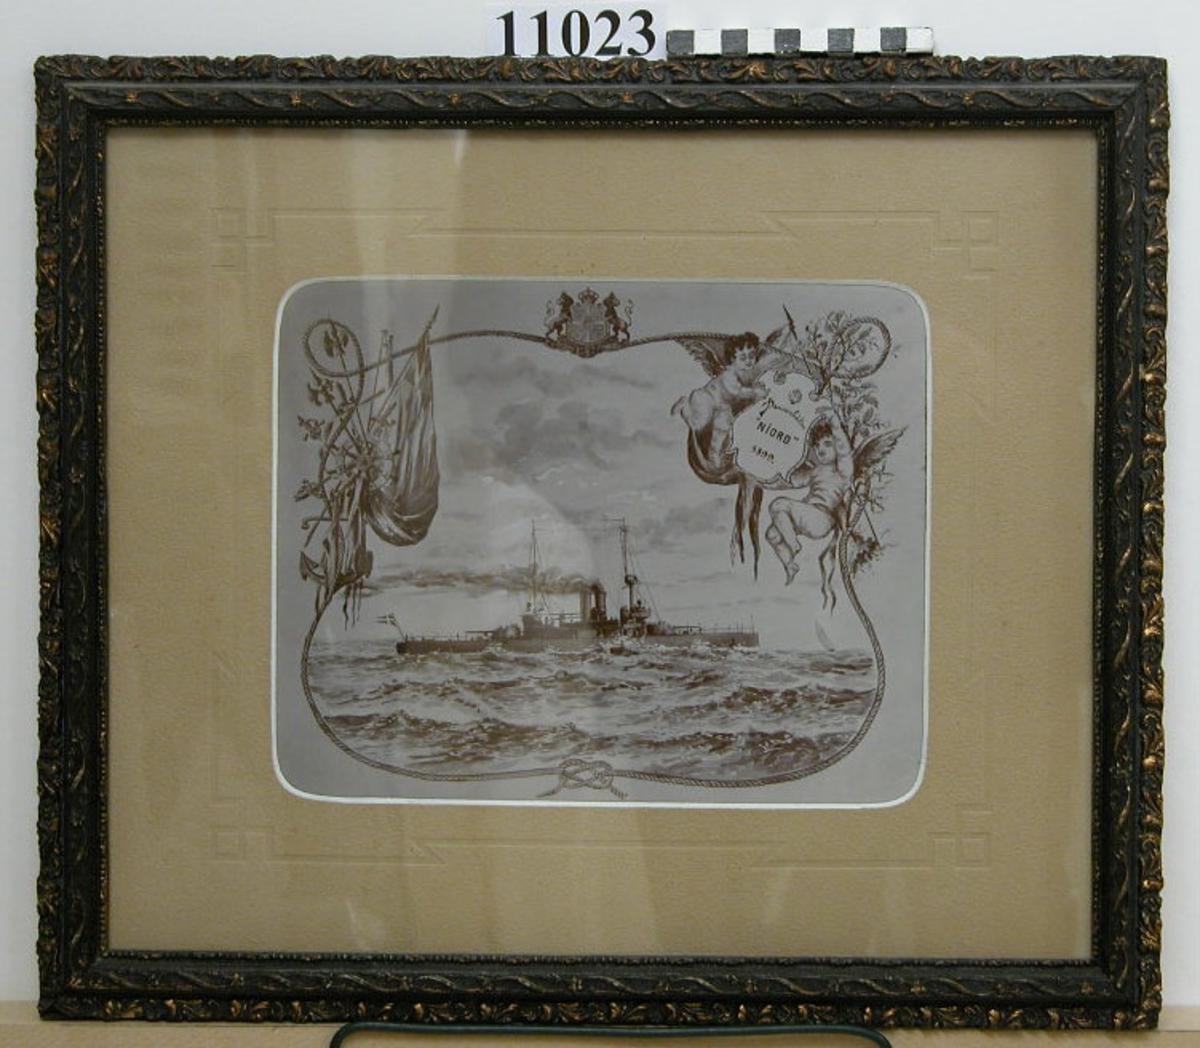 Fotografi inom glas och ram av trä, svart, med ornamentering i gult och svart. Visar pansarbåten NIORD till sjöss under gång efter akvarell av okänd konstnär år 1899. Neg.nr 4931.